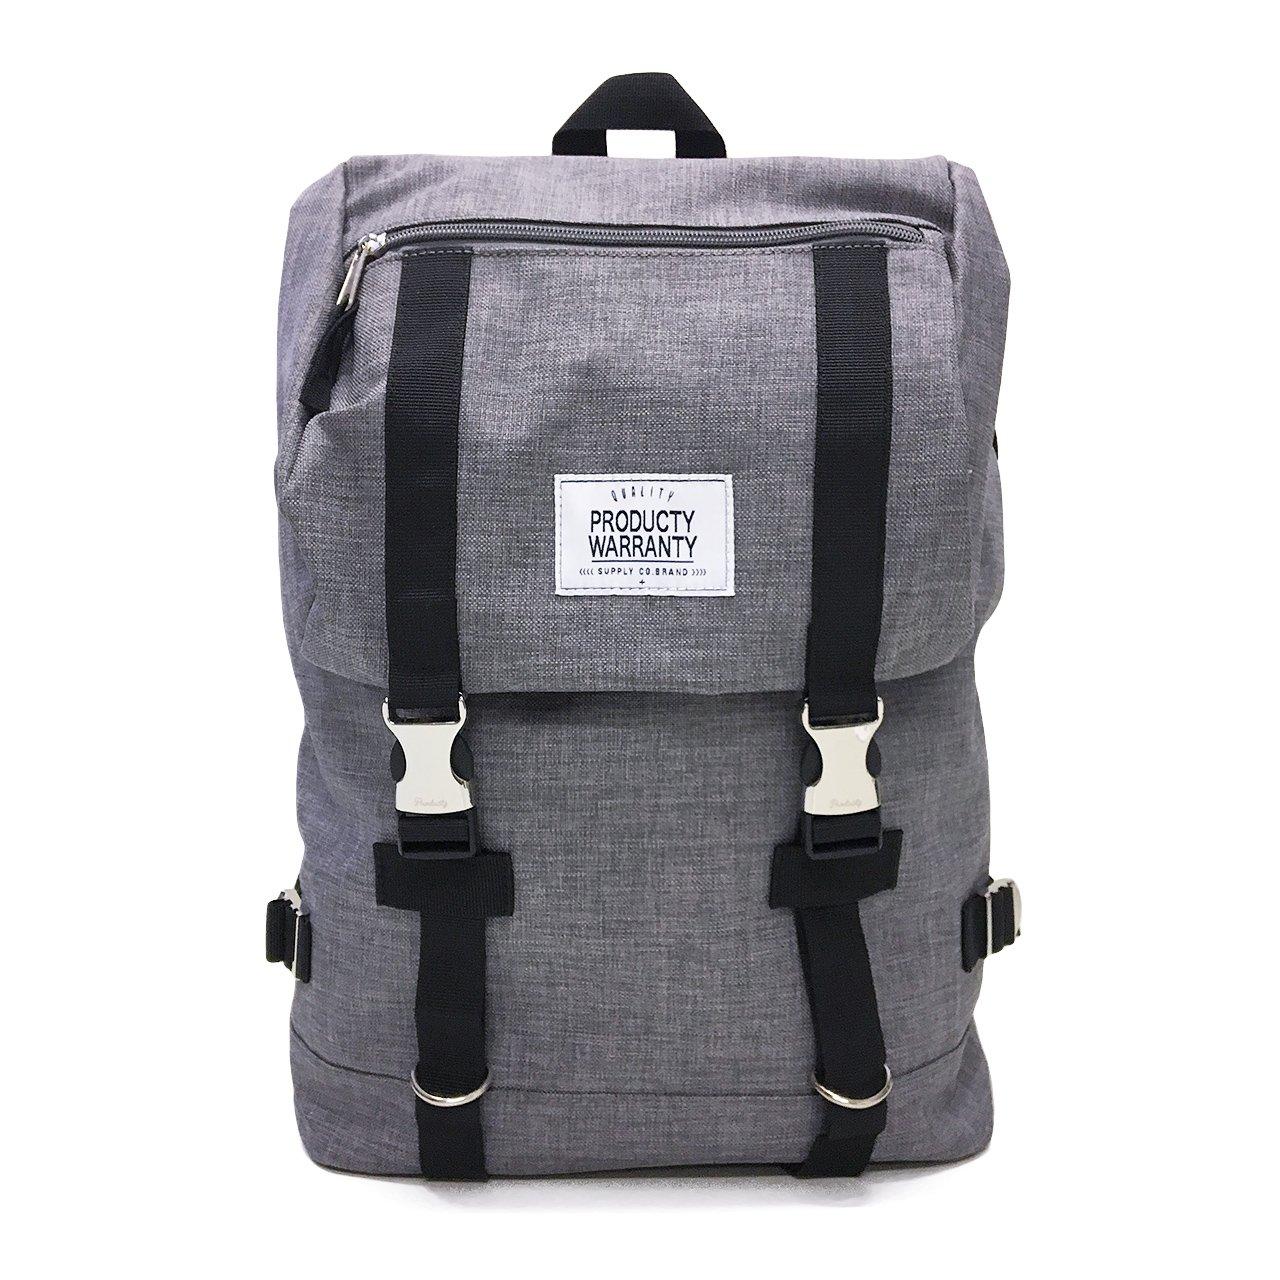 8a32c260b530 Amazon.co.jp: プロダクティー リュック サック PD1501 (グレー): シューズ&バッグ